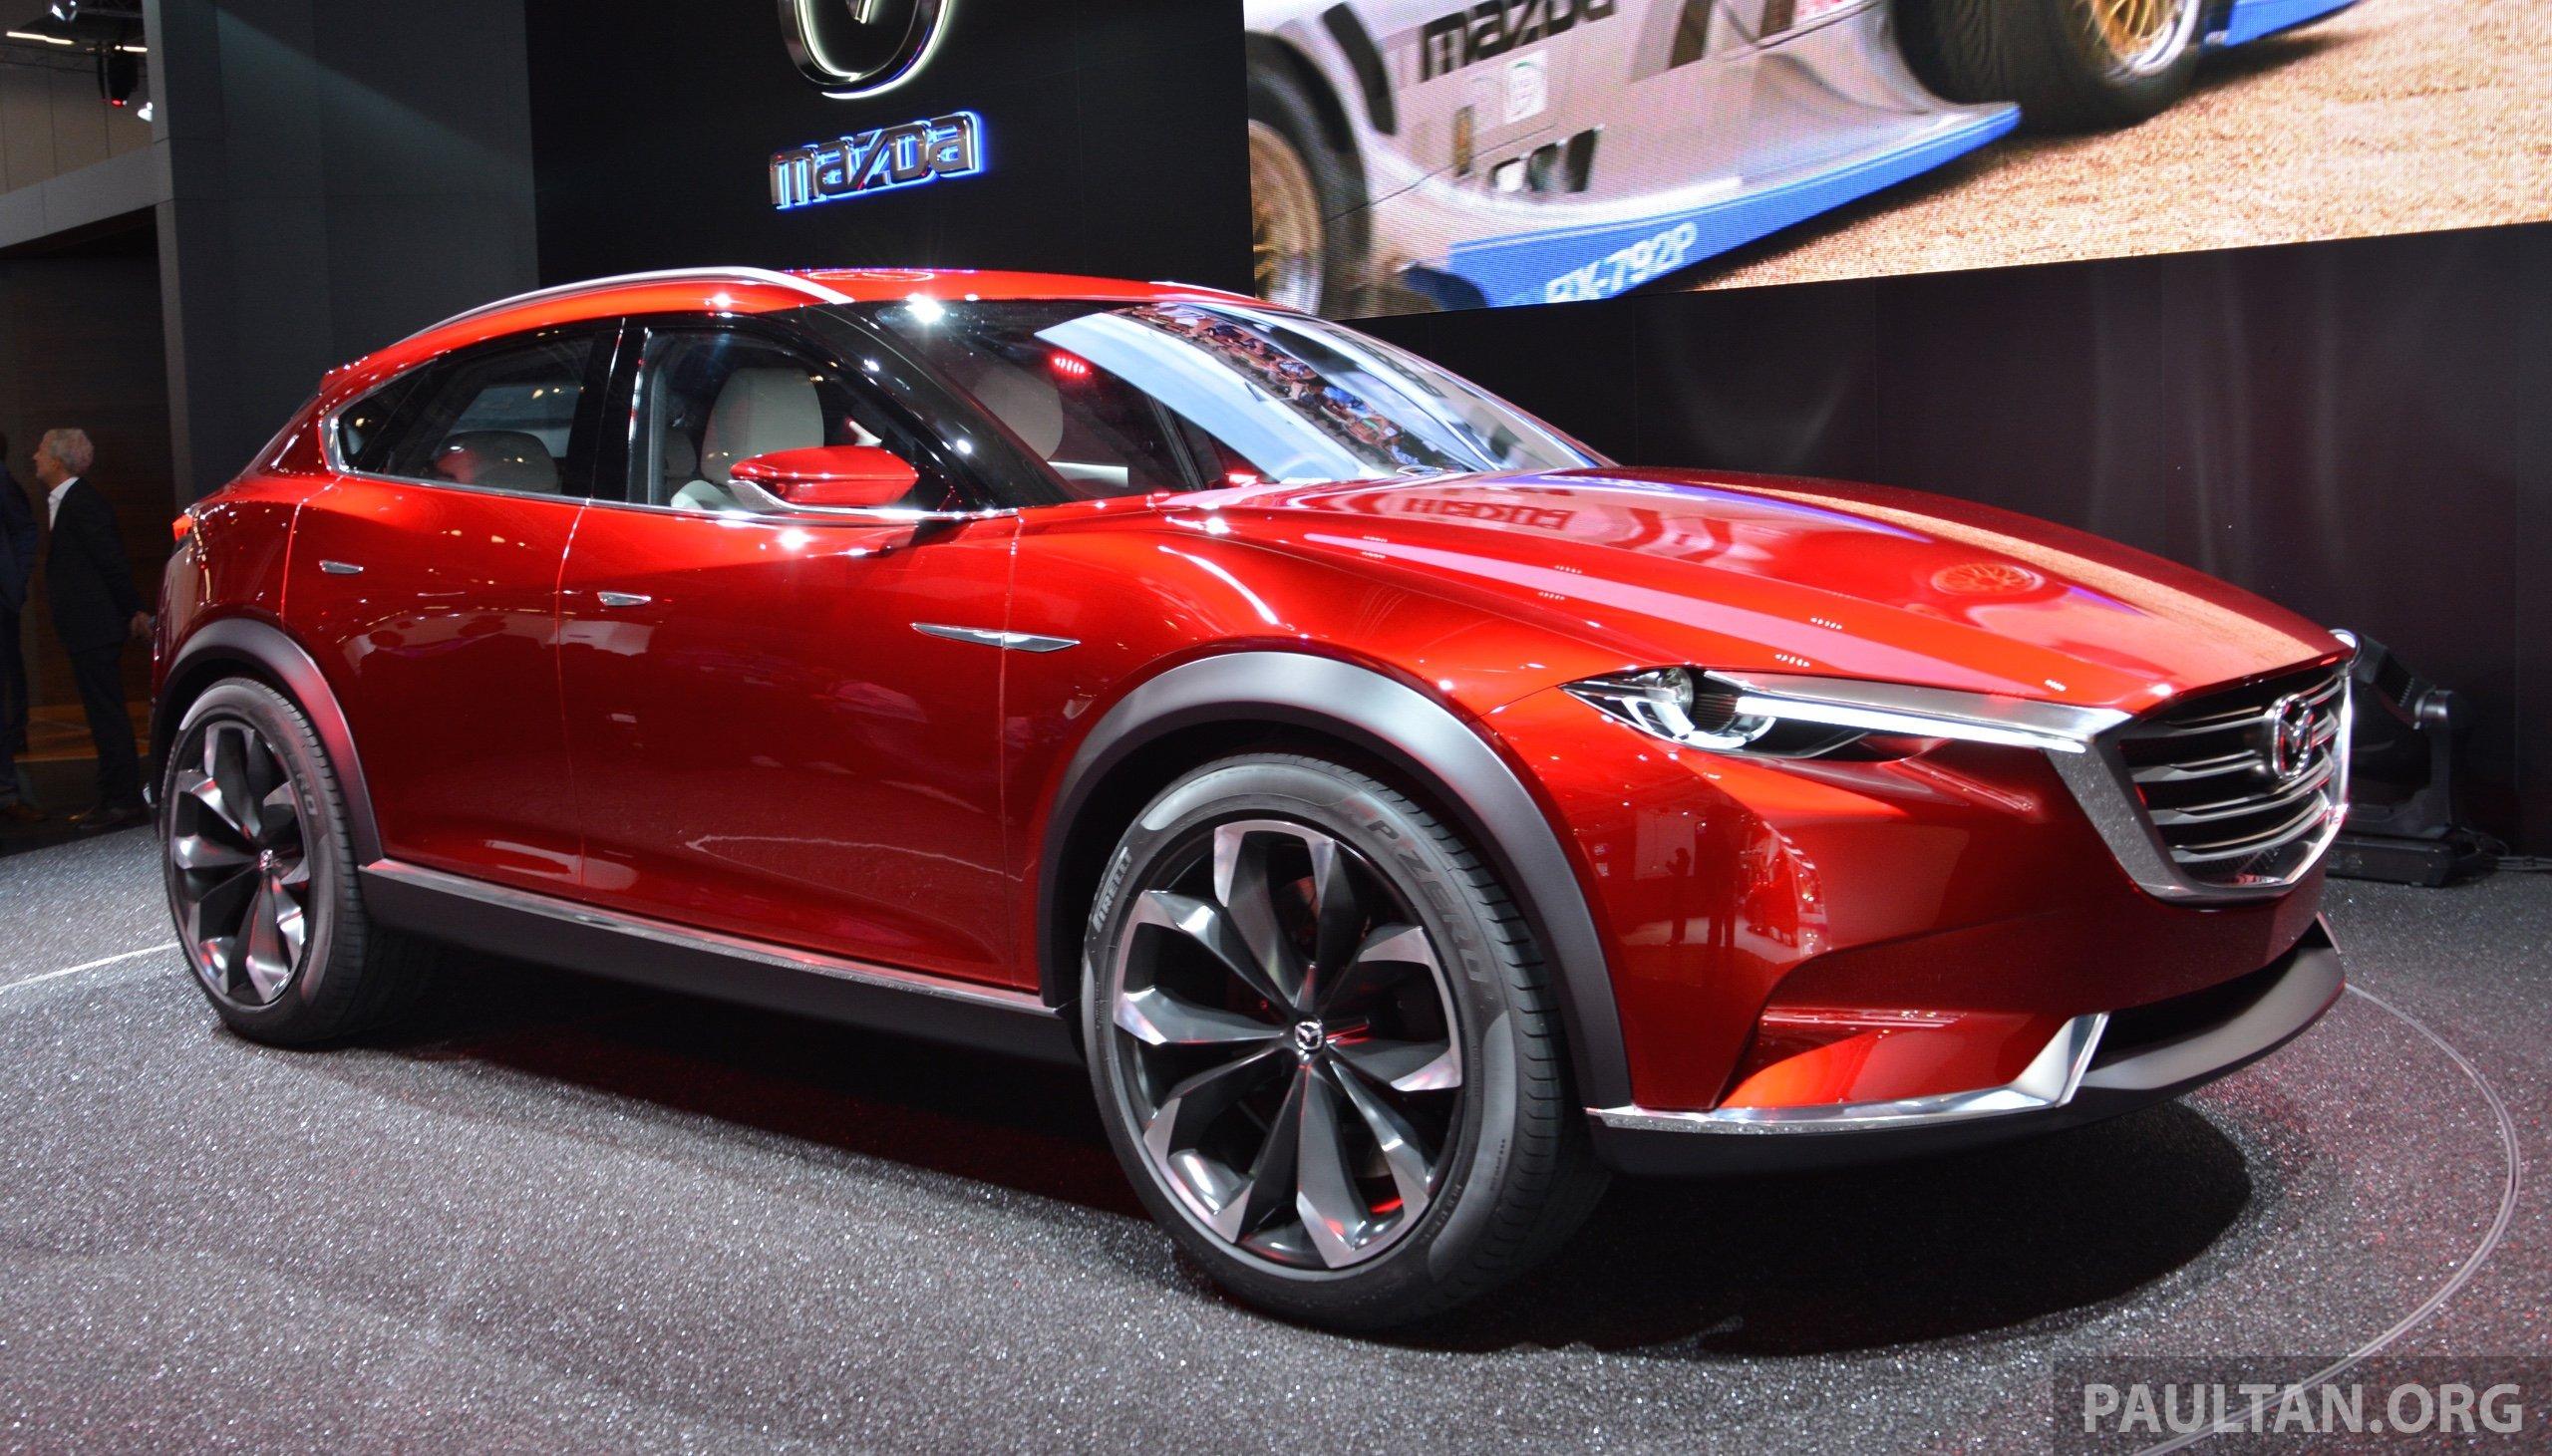 https://s3.paultan.org/image/2015/09/Mazda-Koeru-Frankfurt-1.jpg